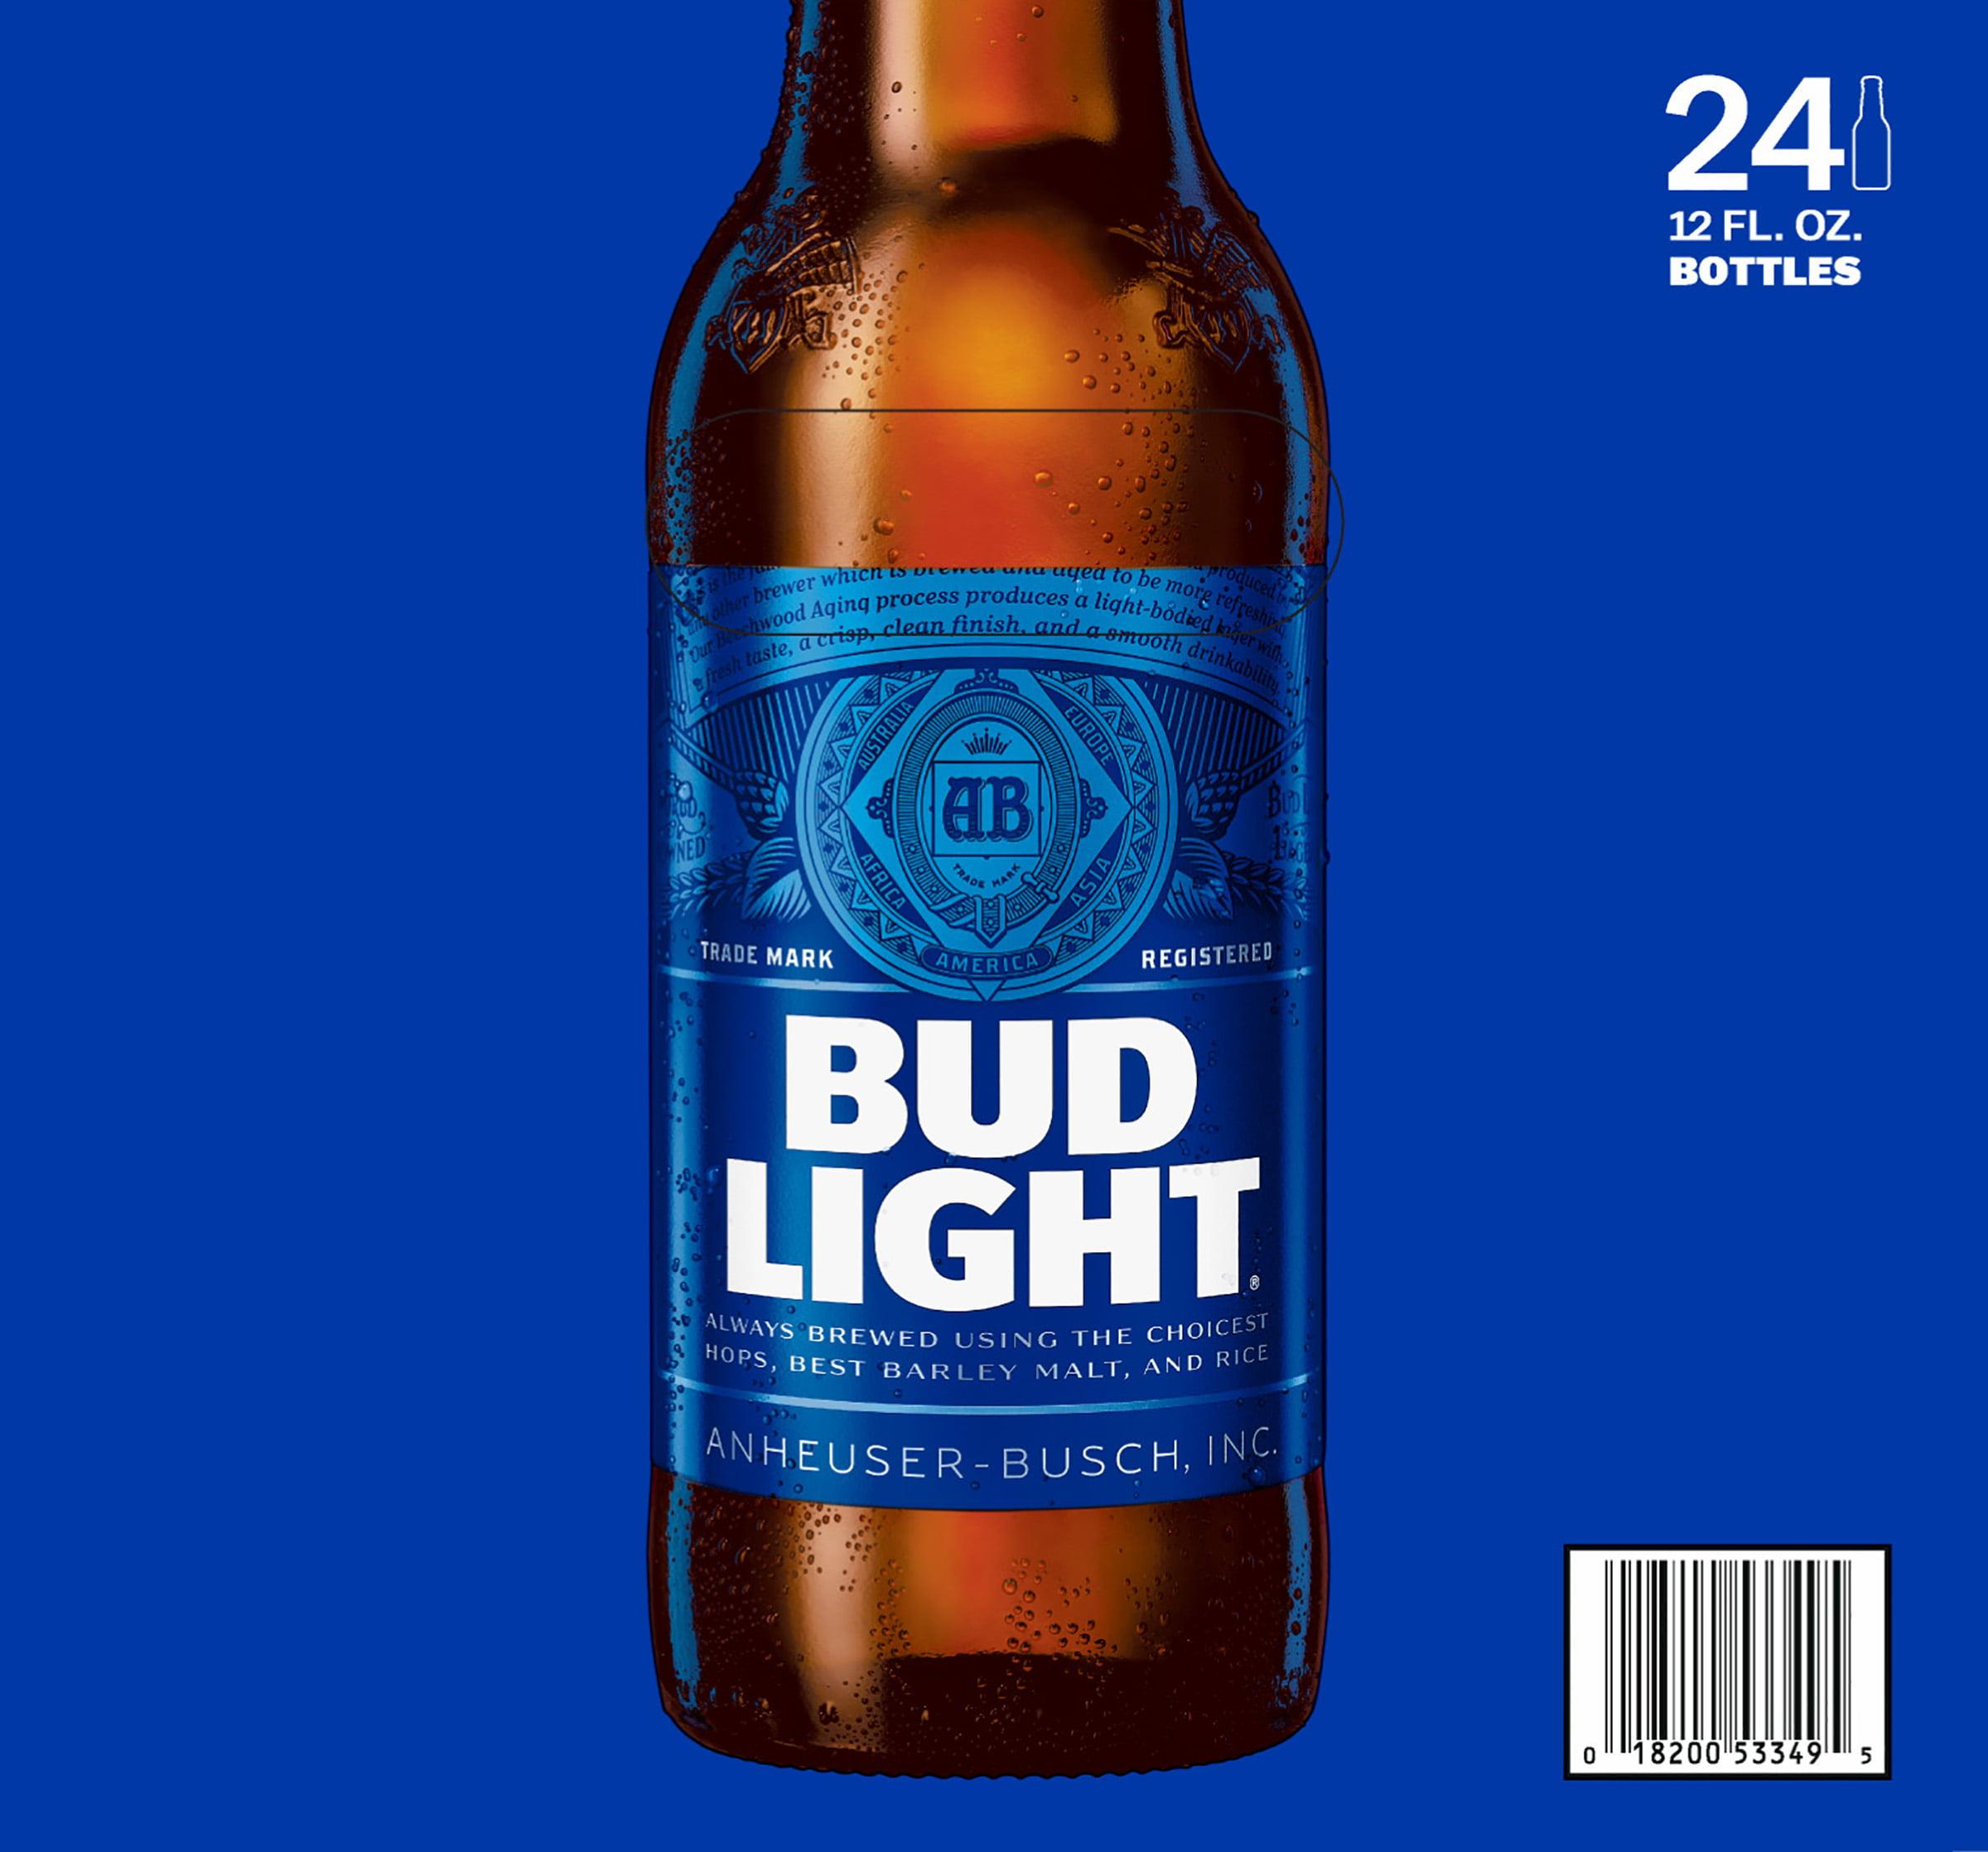 Bud Light Beer 24 12 Fl. Oz. Bottles   Walmart.com